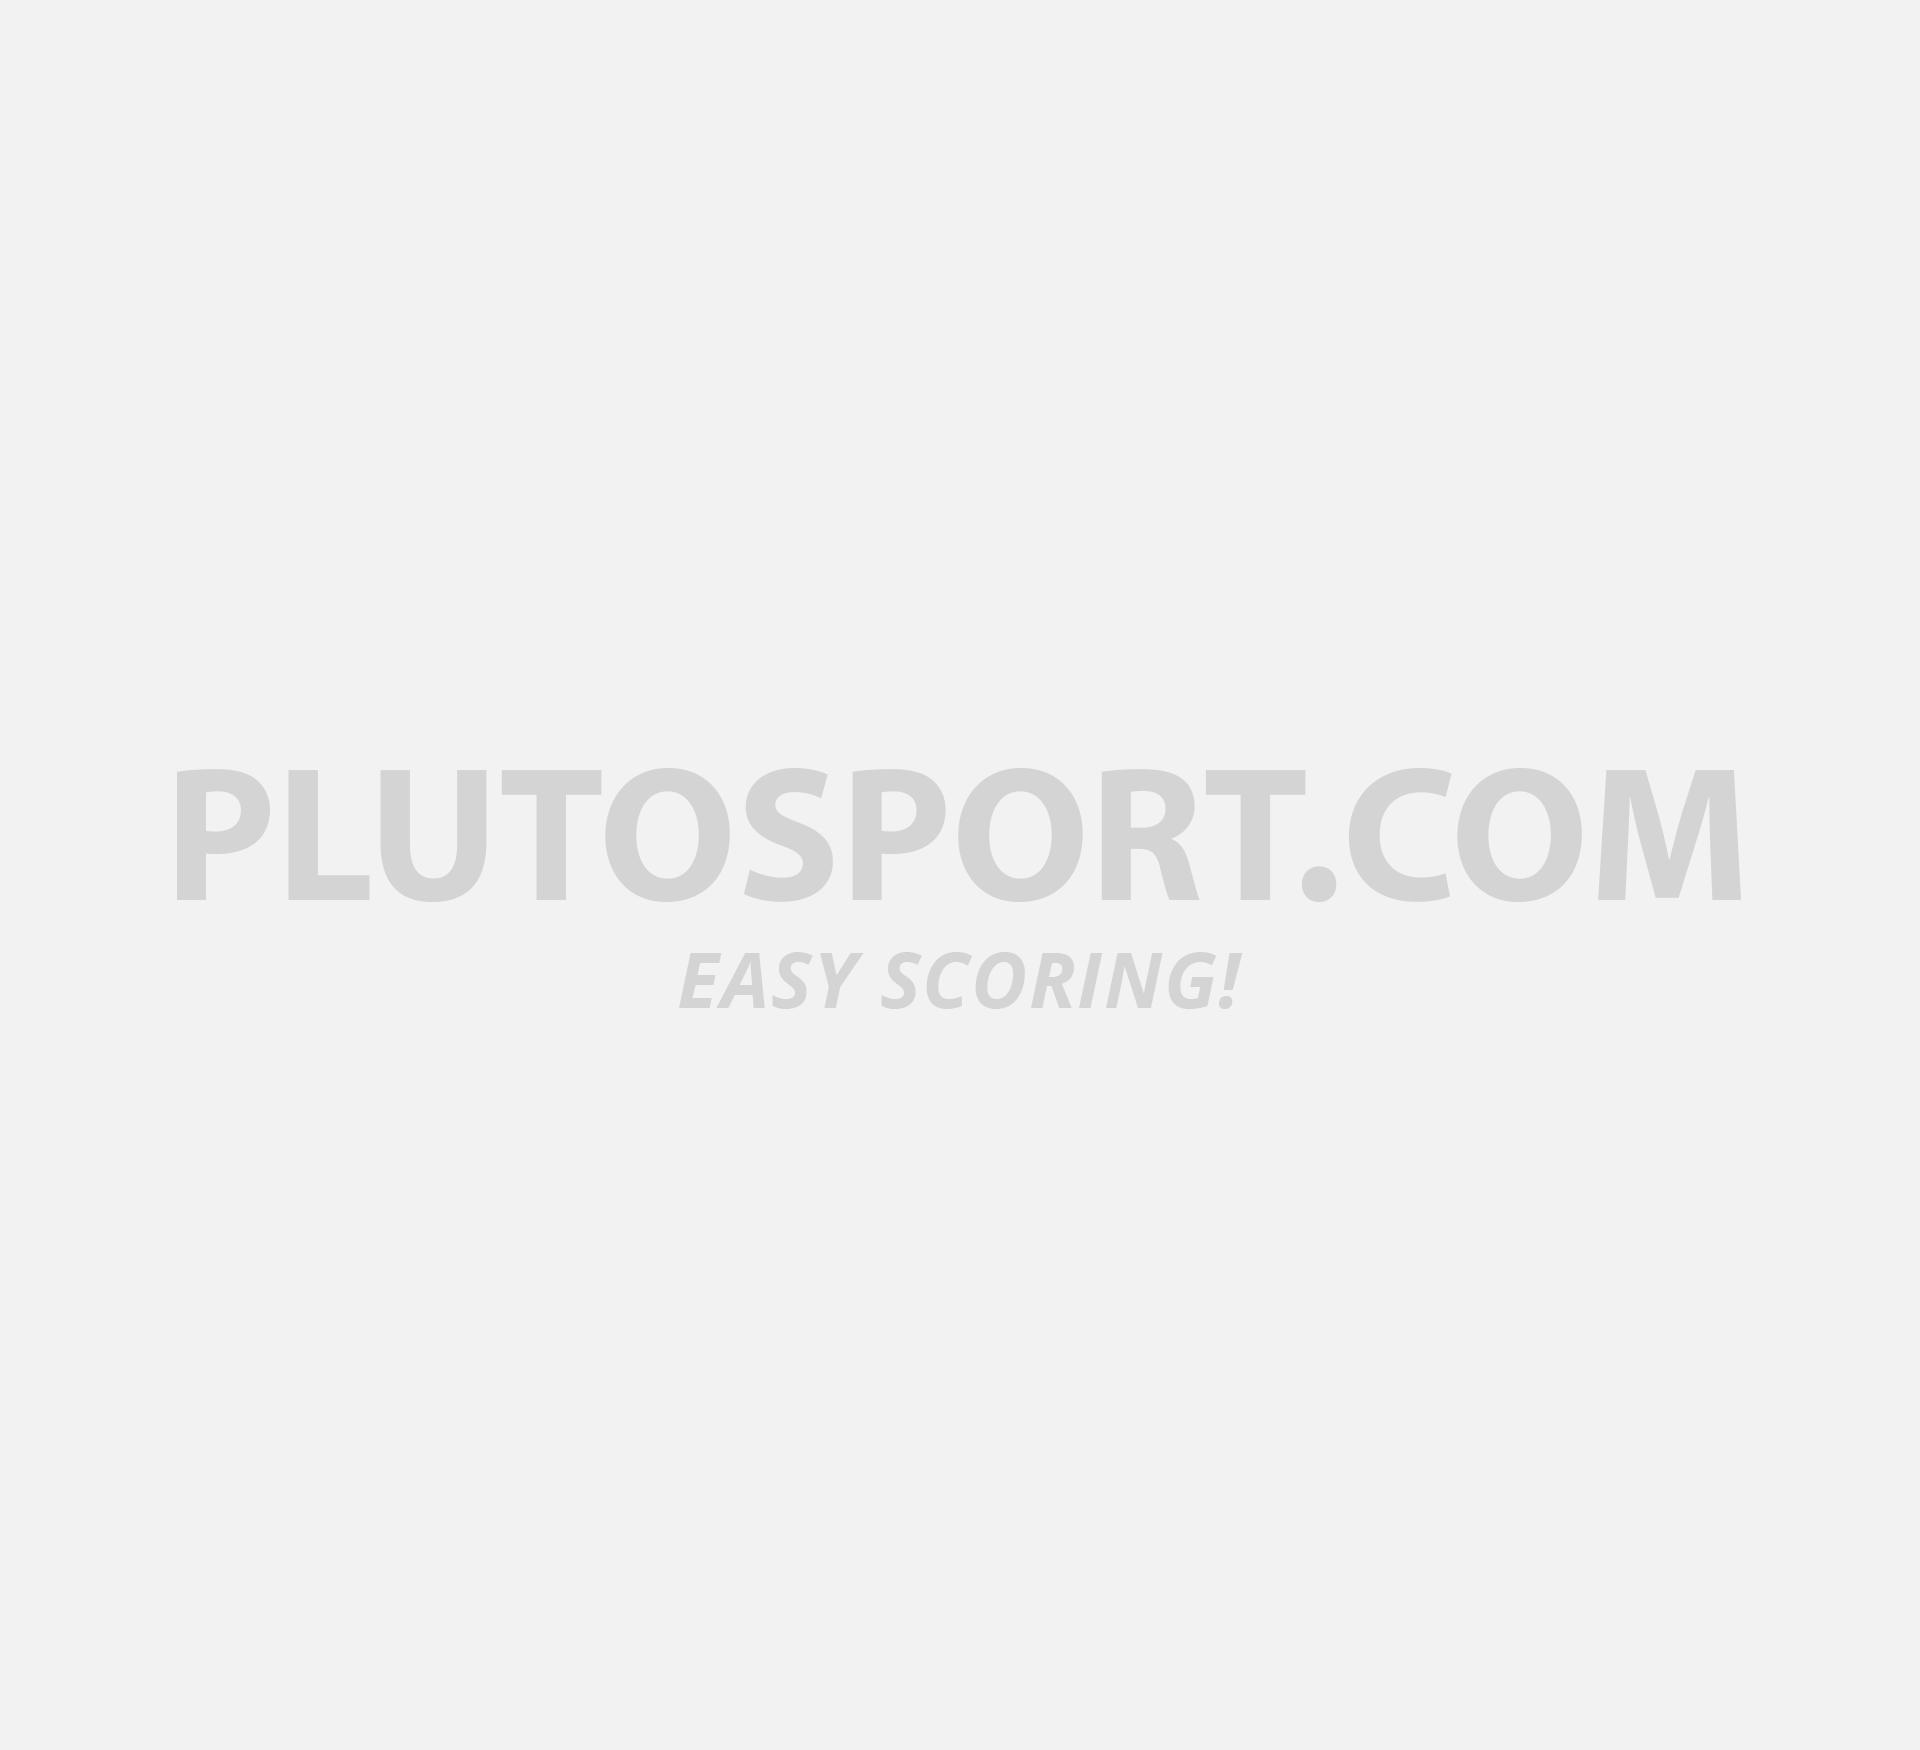 Plutosport.com